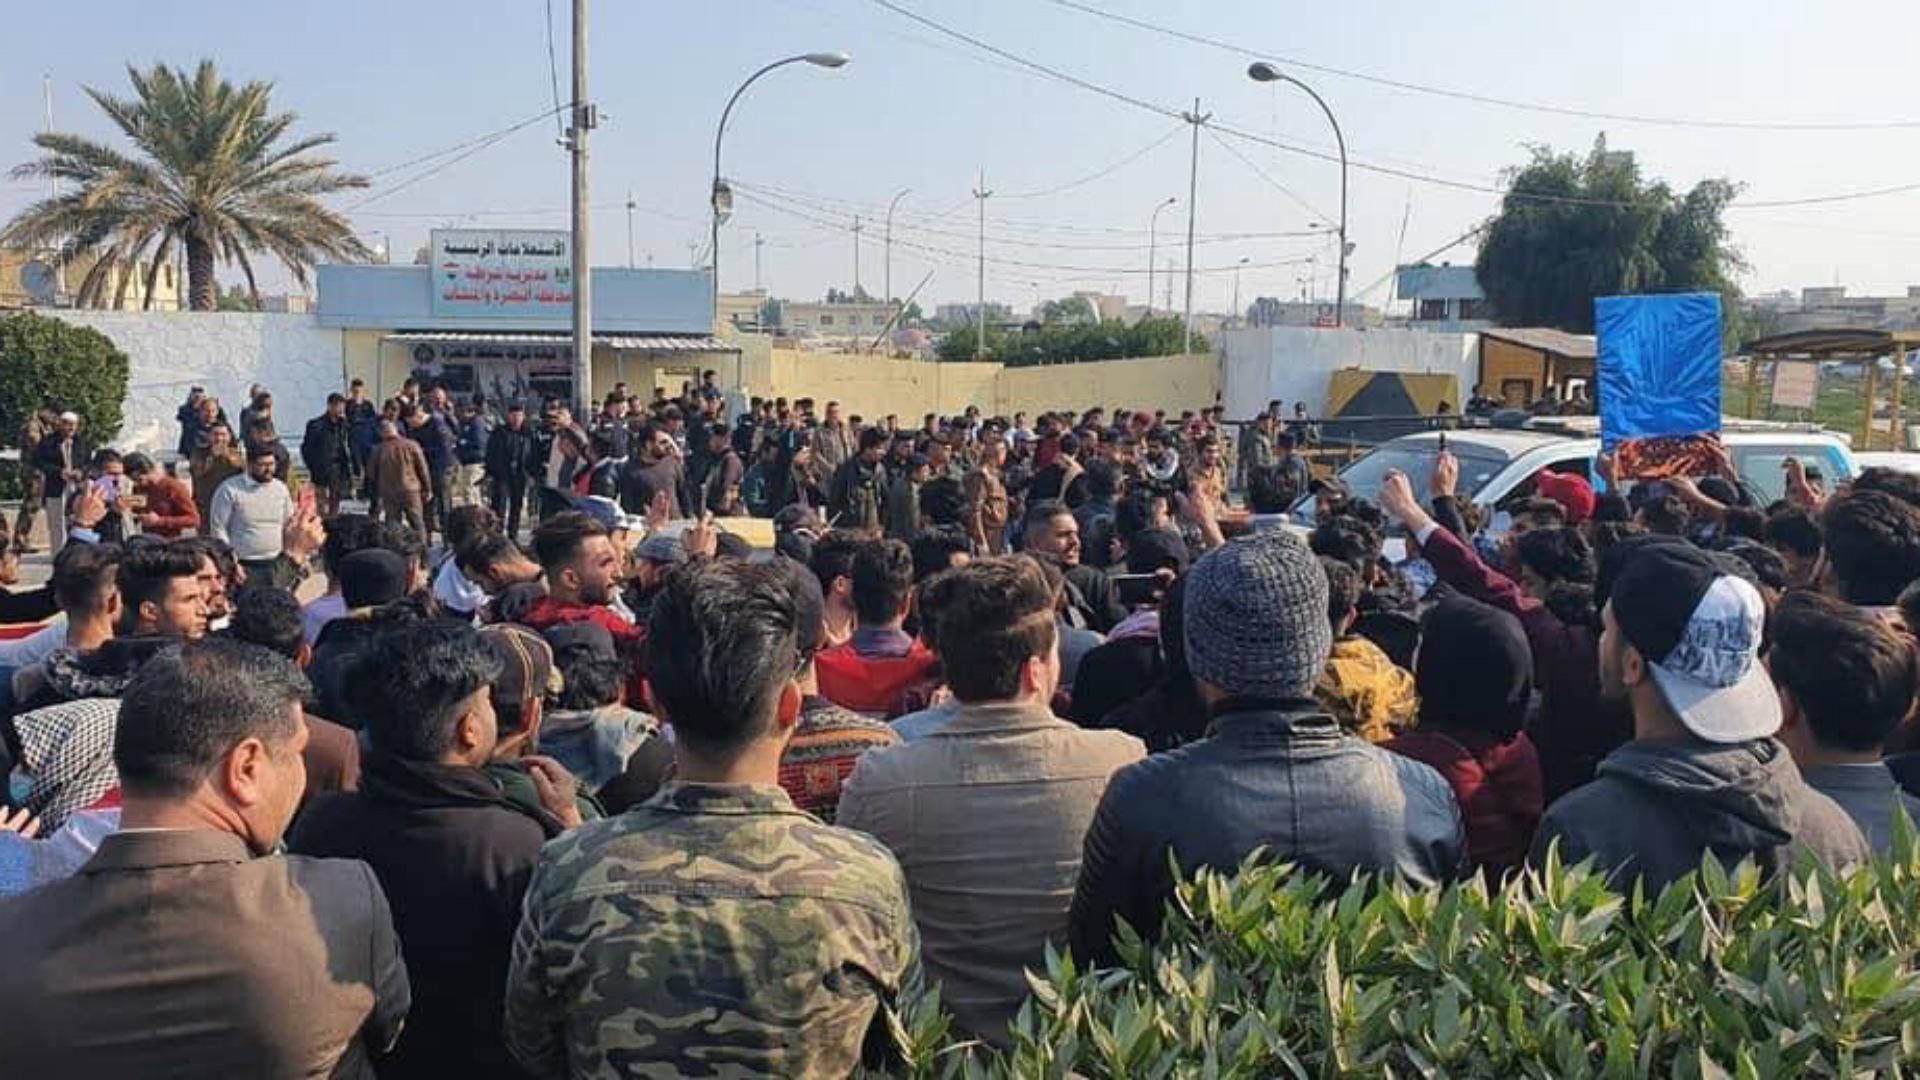 شرطة البصرة تفرج عن طلاب بعد احتجاجات خارج مقرها